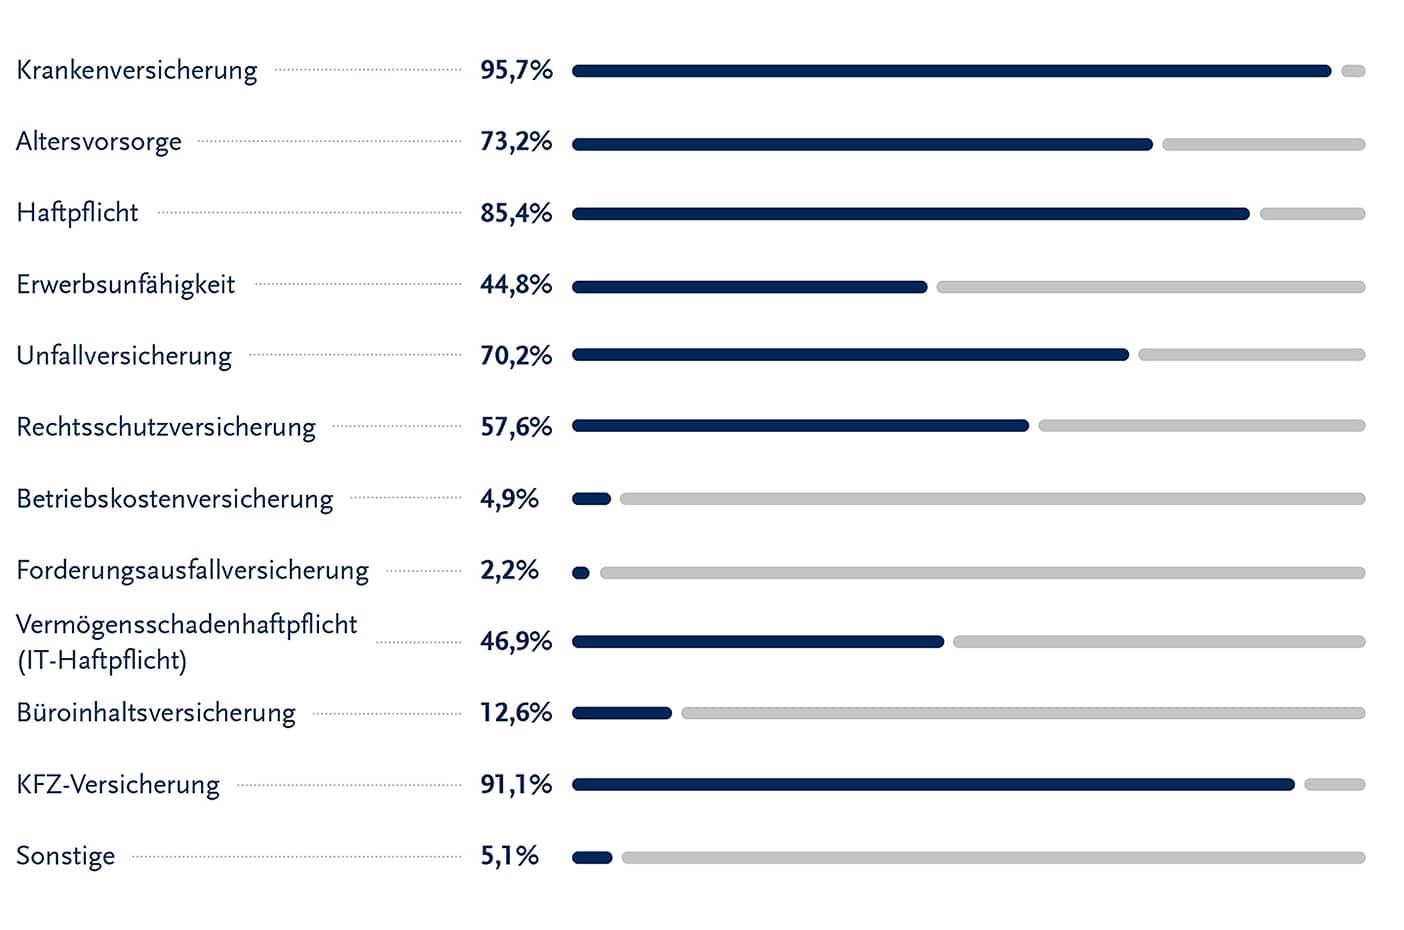 SOLCOM_Marktstudie_Freiberufler_und_Versicherungen_Frage_02_72dpi